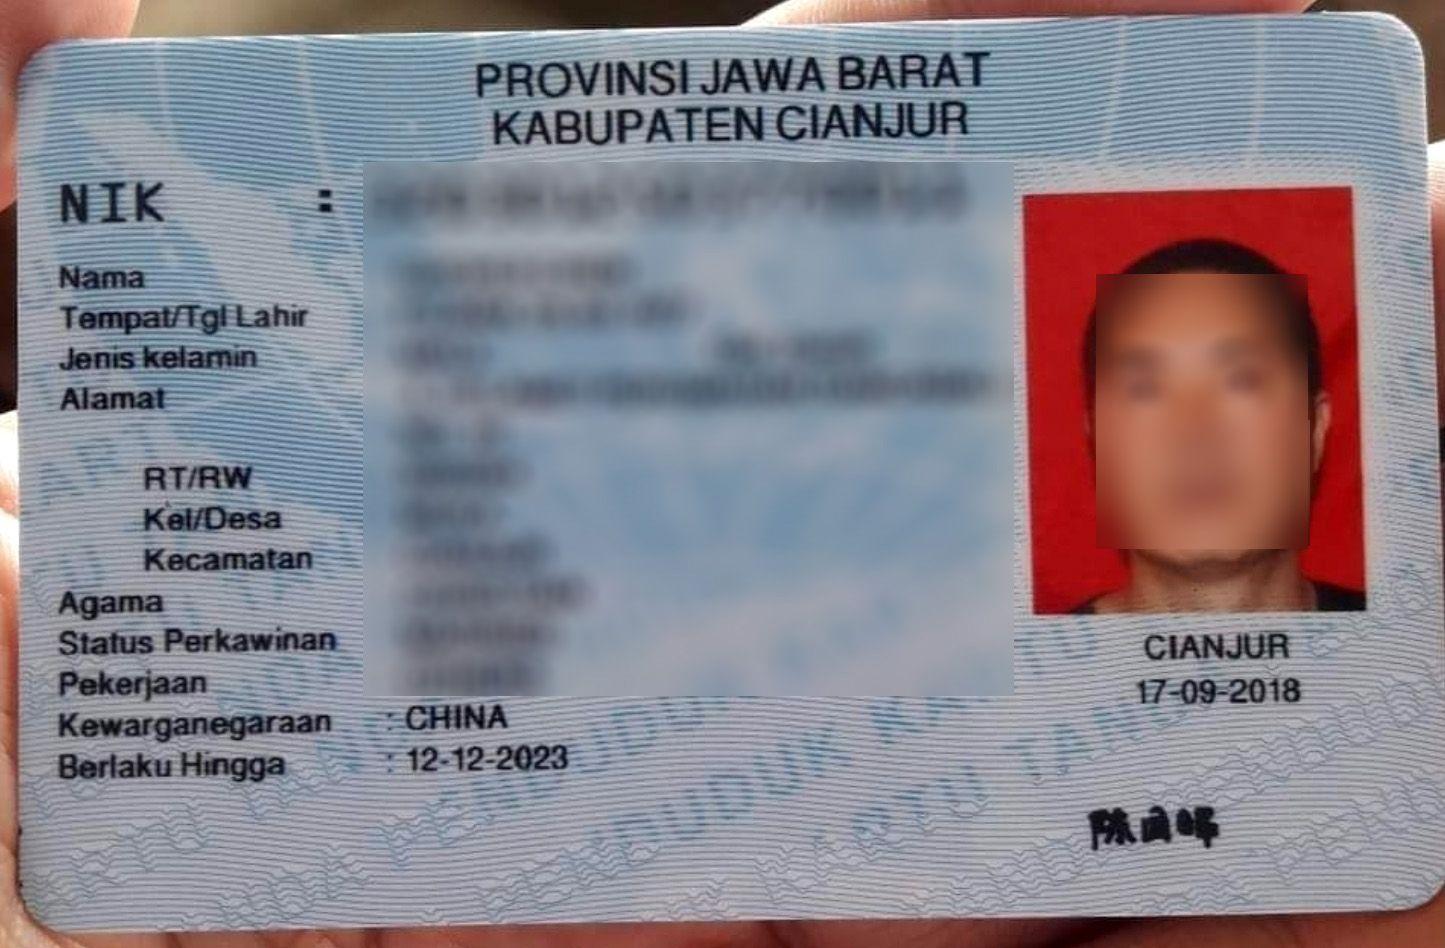 Cek Kabar NIK e-KTP Milik TKA China Cianjur Muncul di DPT, Plt Bupati Cianjur : Bisa Saja Itu Editan